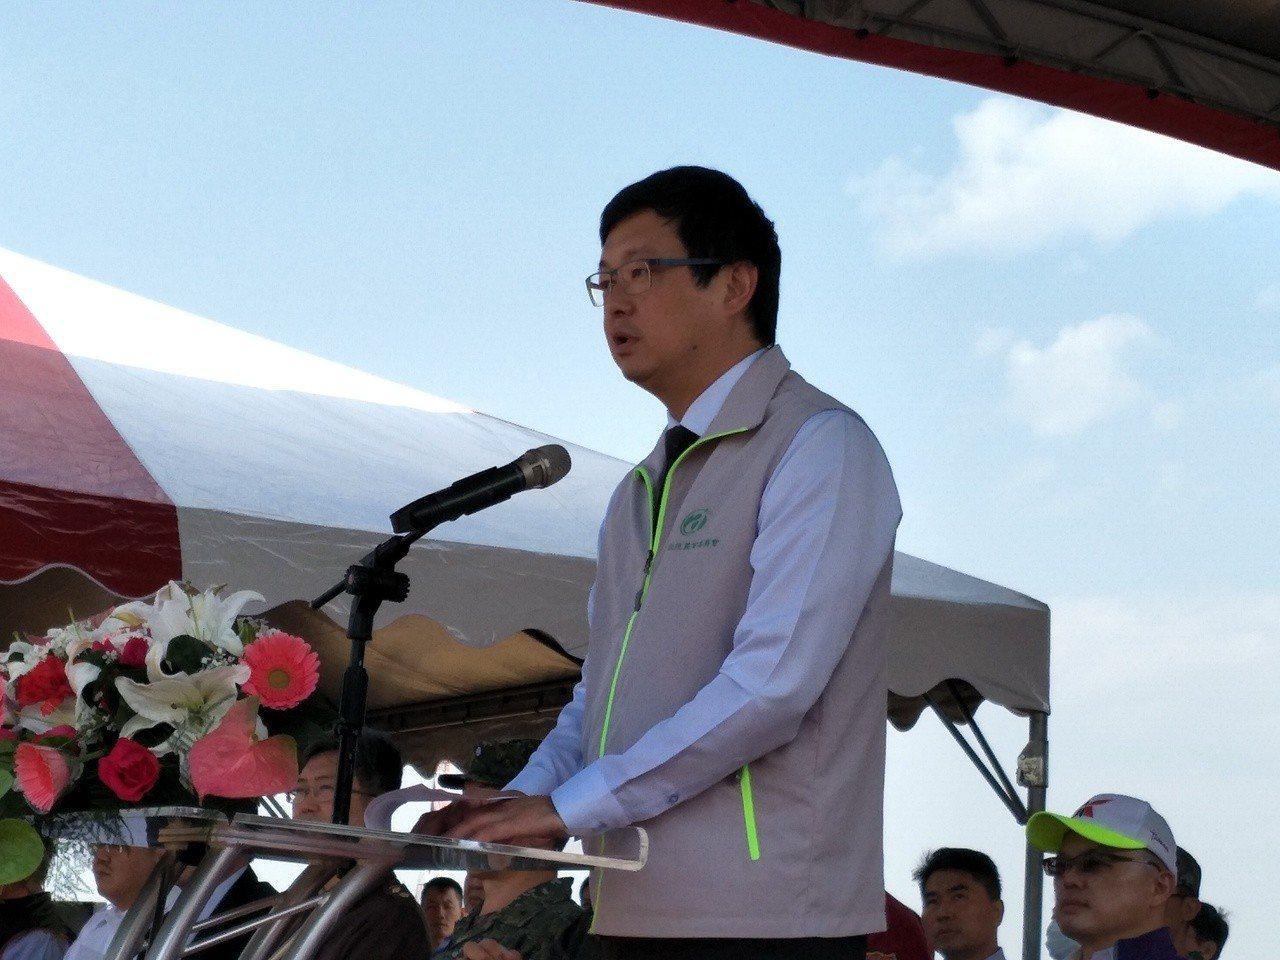 農委會副主委李退之強調,設法將疫情阻絕於境外。 記者謝進盛/攝影